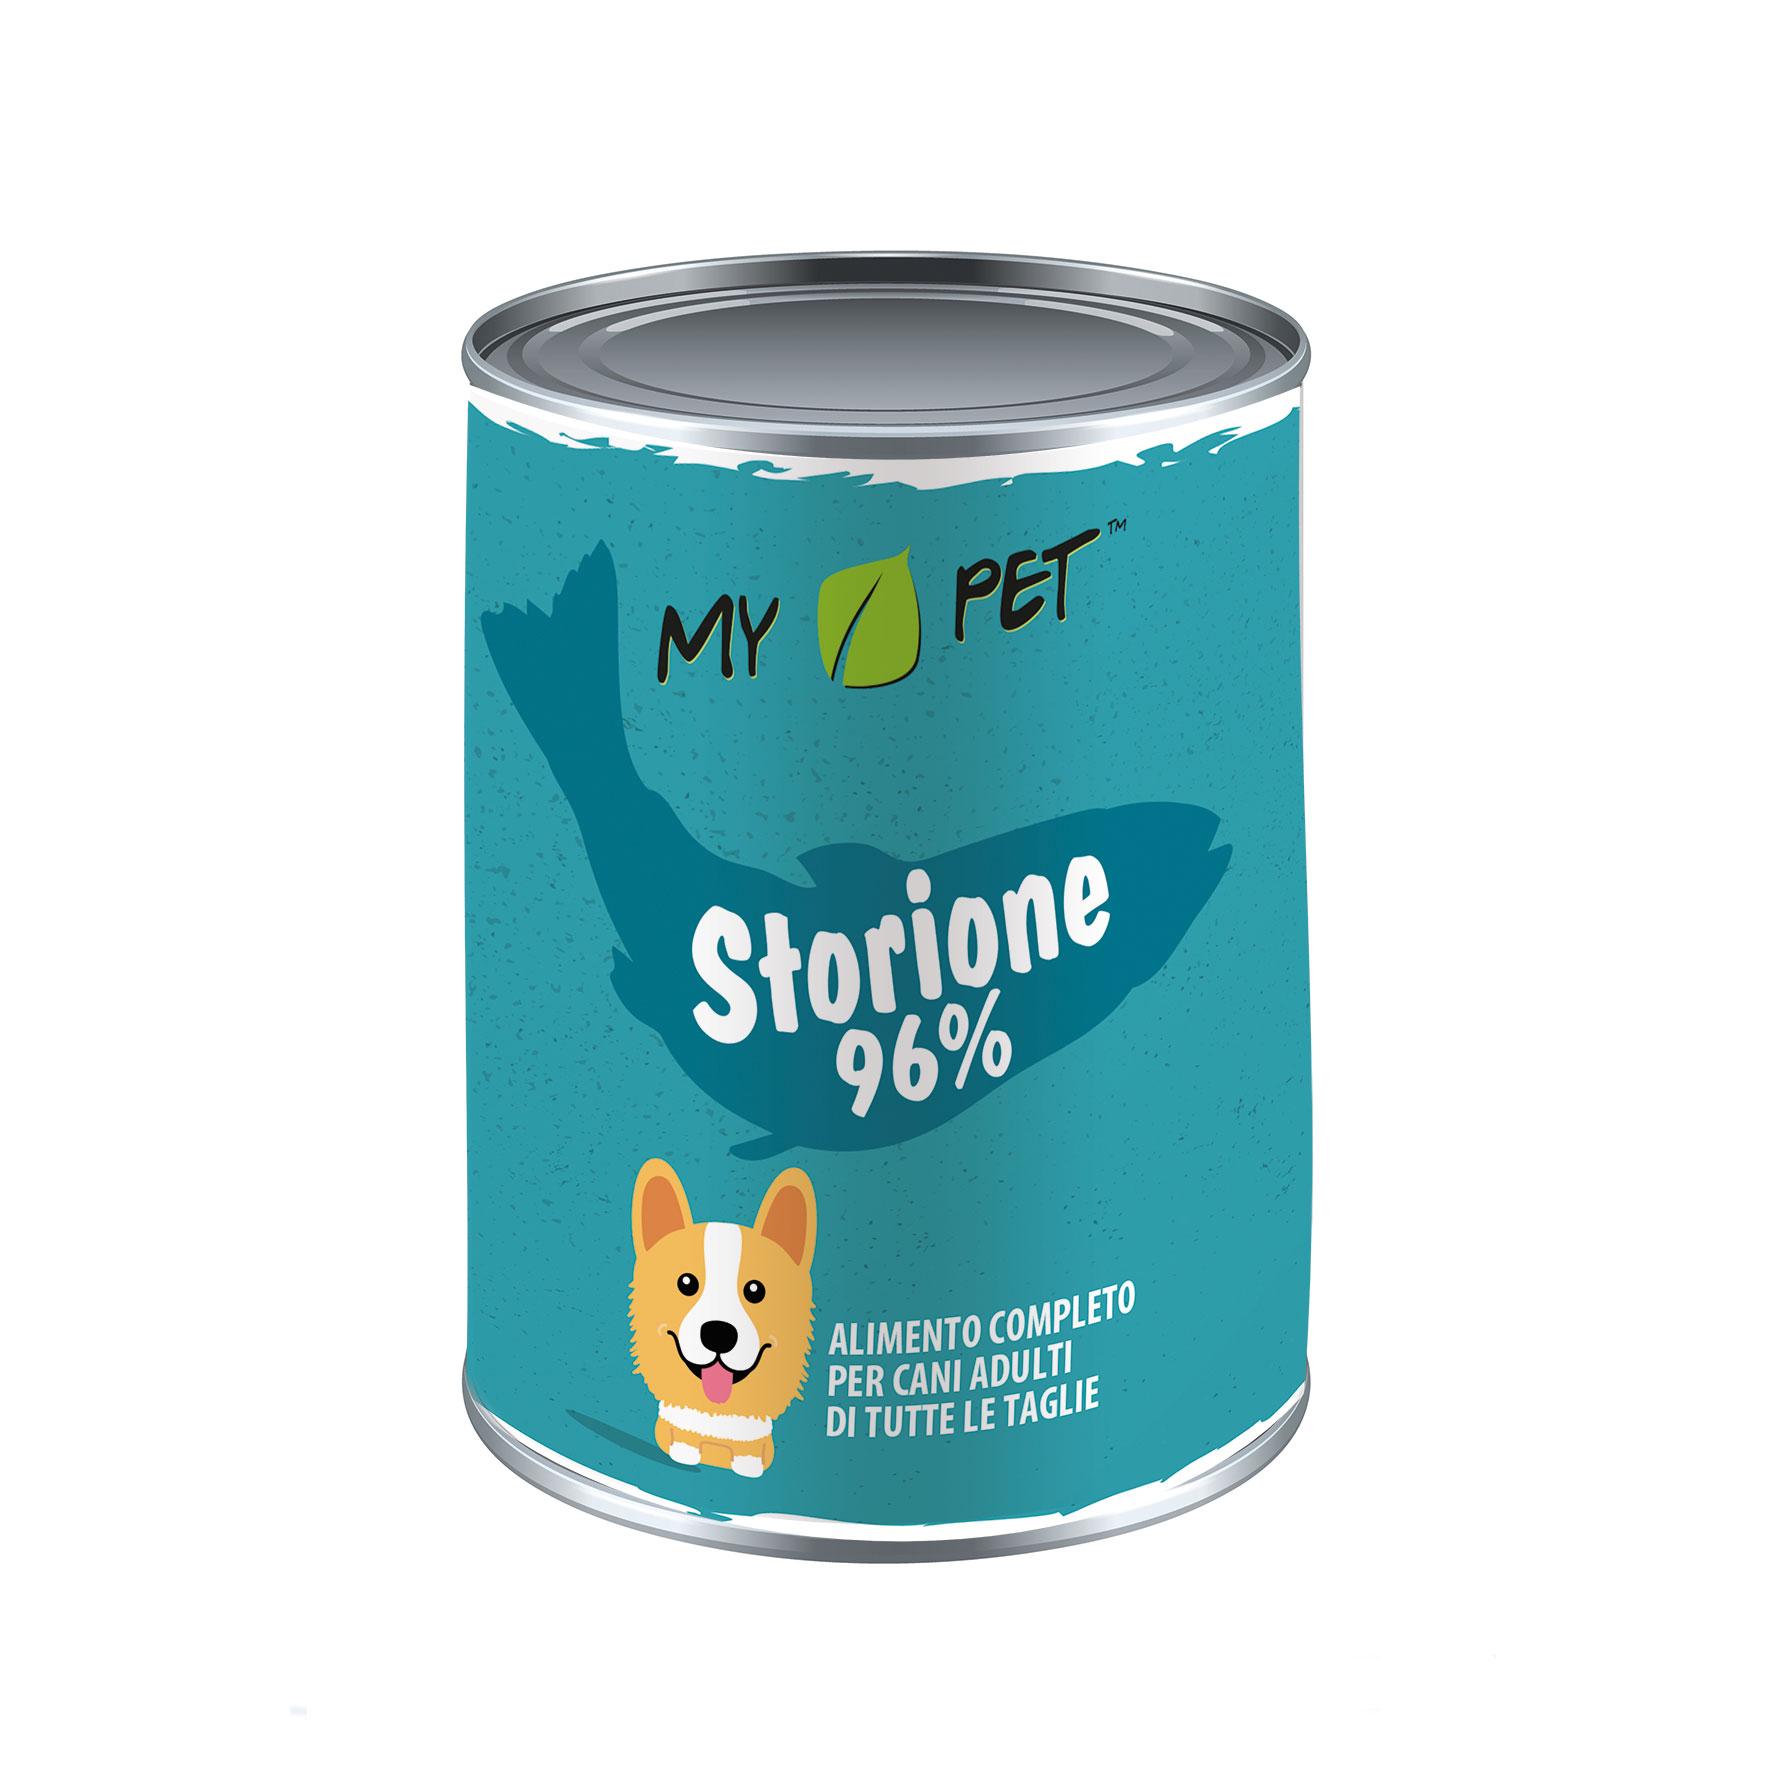 MyPet cibo umido per cani